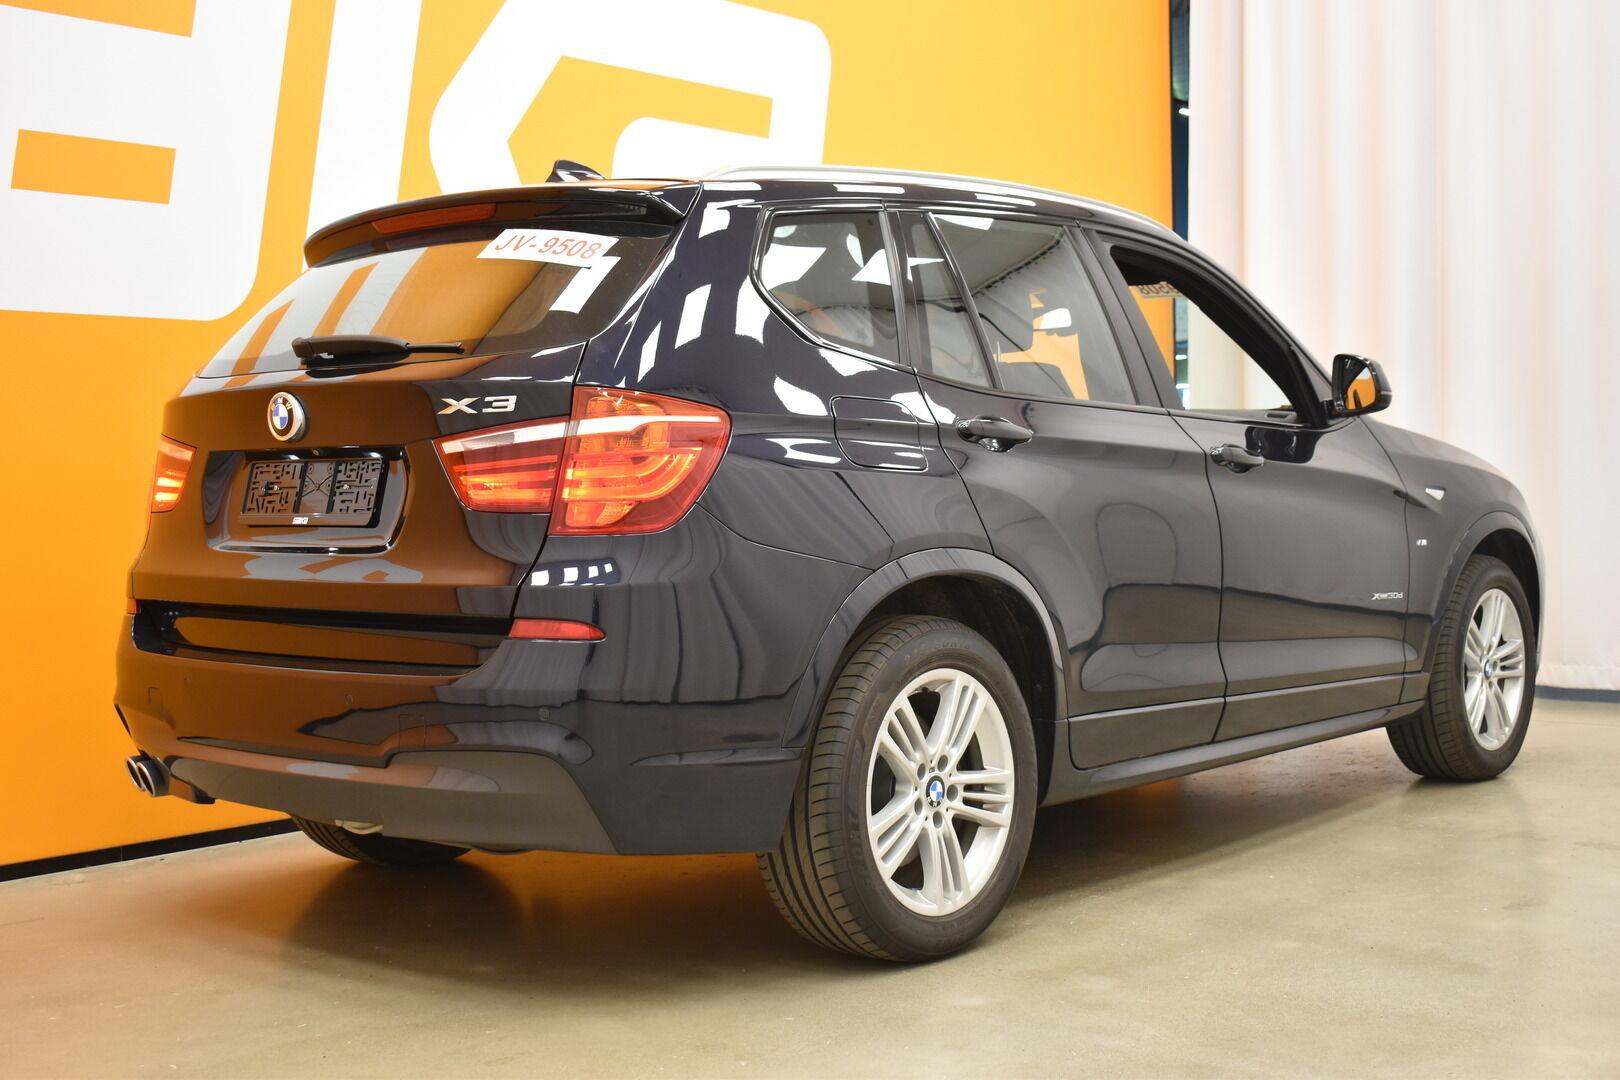 Musta Maastoauto, BMW X3 – OUL-28083, kuva 25